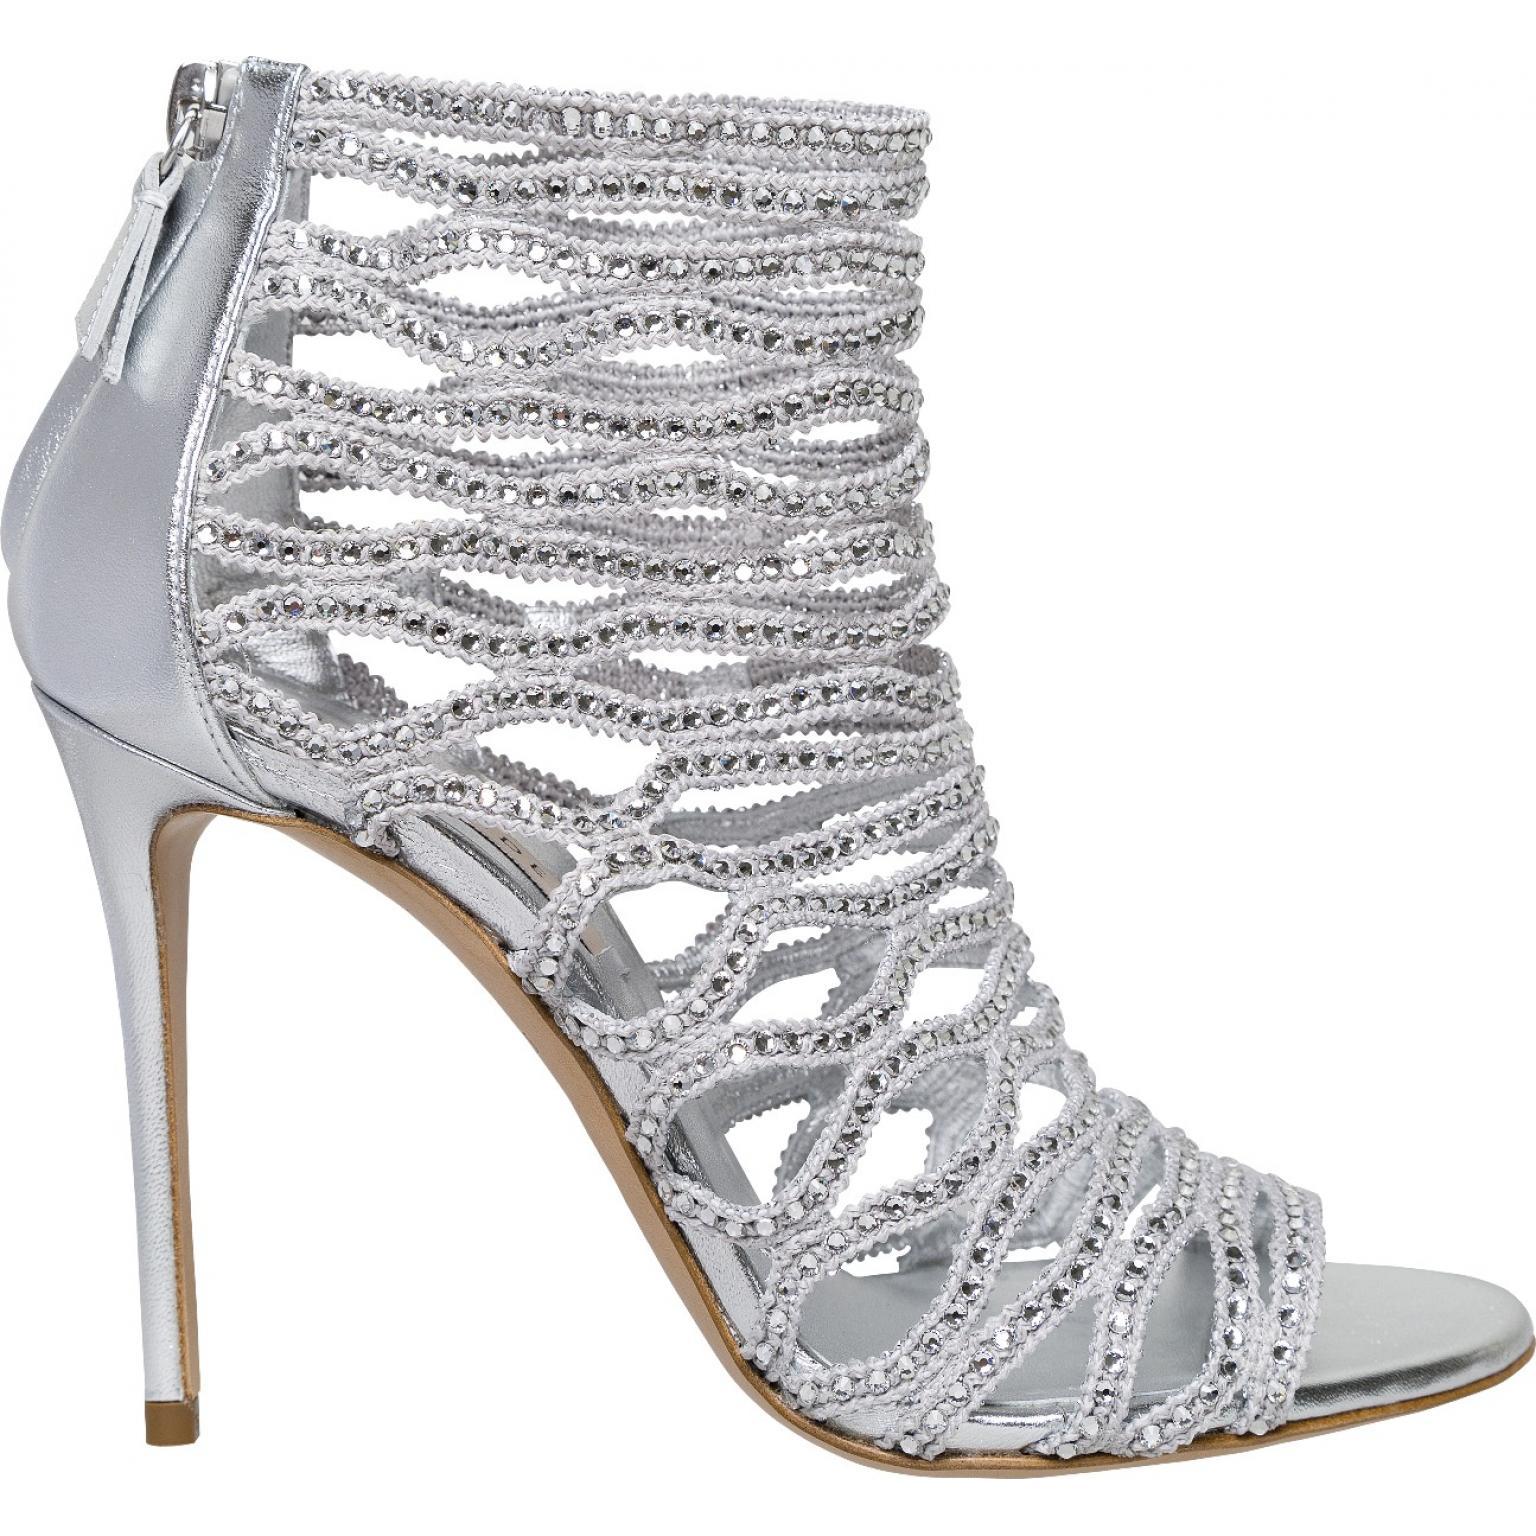 Ankle-Heels mit Peep-Toe und elastischen Riemchen mit Schmucksteindeko-0